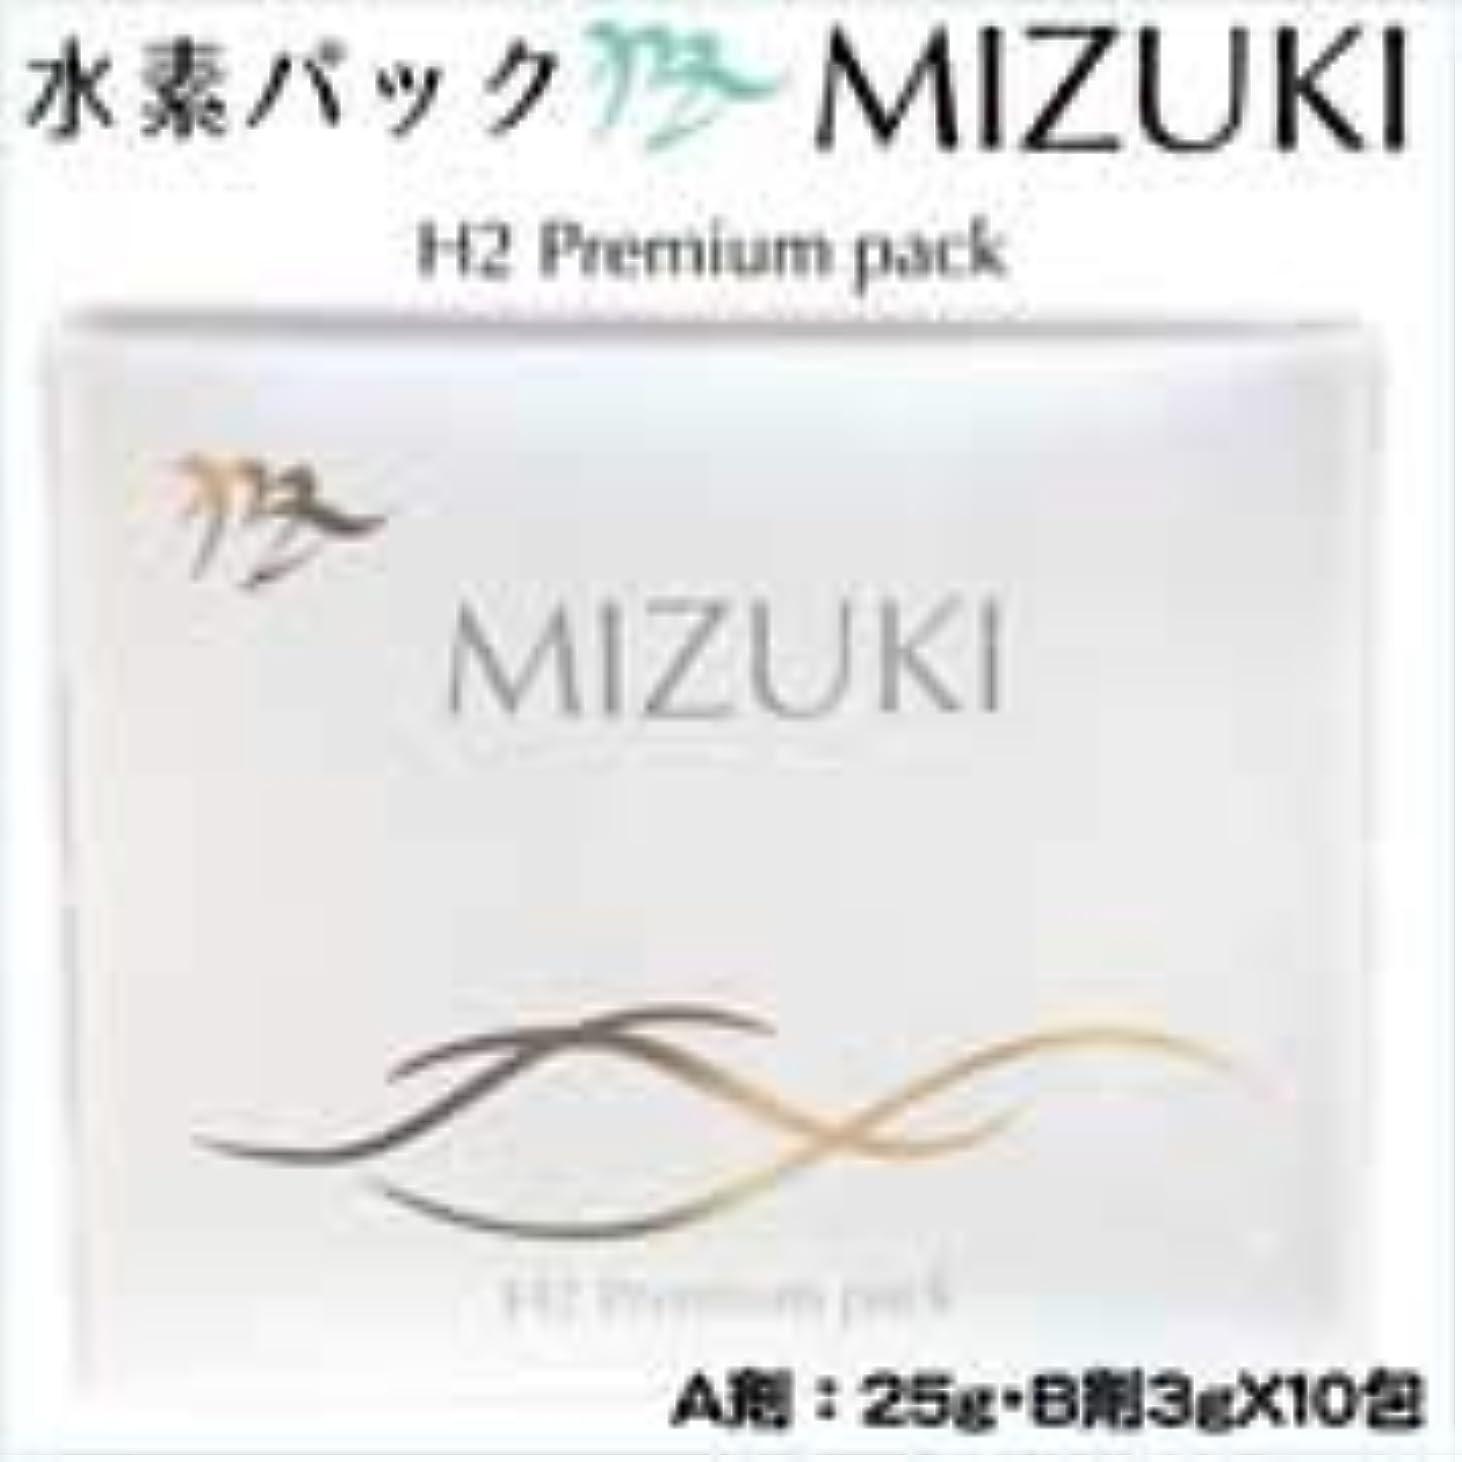 ヒューズ整理する荒野MIZUKI H2 Premium pack ミズキ プレミアムパック A剤:25g、B剤:3gX10包 スパチュラ付き